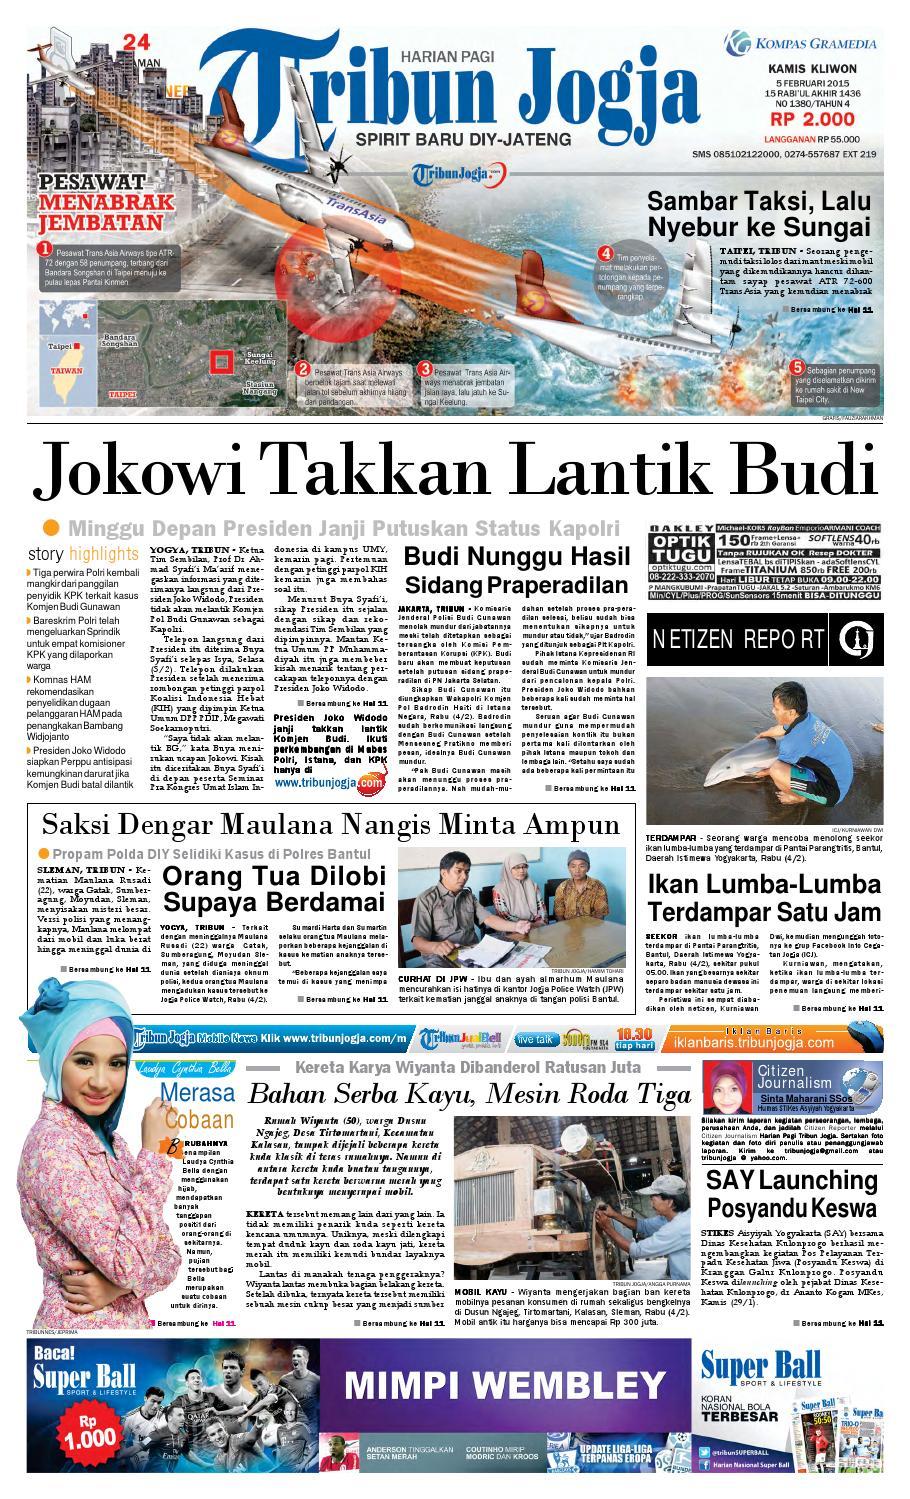 Tribunjogja 05 02 2015 By Tribun Jogja Issuu Fcenter Meja Rias Siantano Mr 905 Jawa Tengahdiyjawa Timur